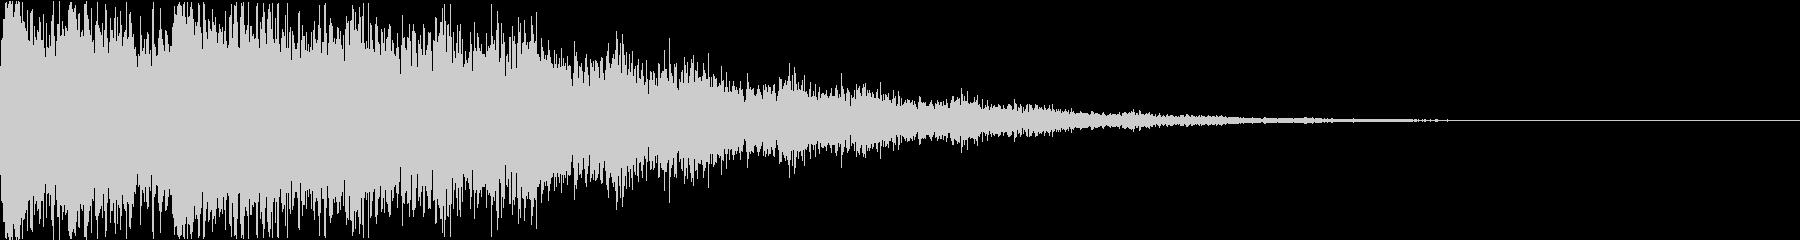 ディズニー・ファンタジー風な衝撃音bの未再生の波形